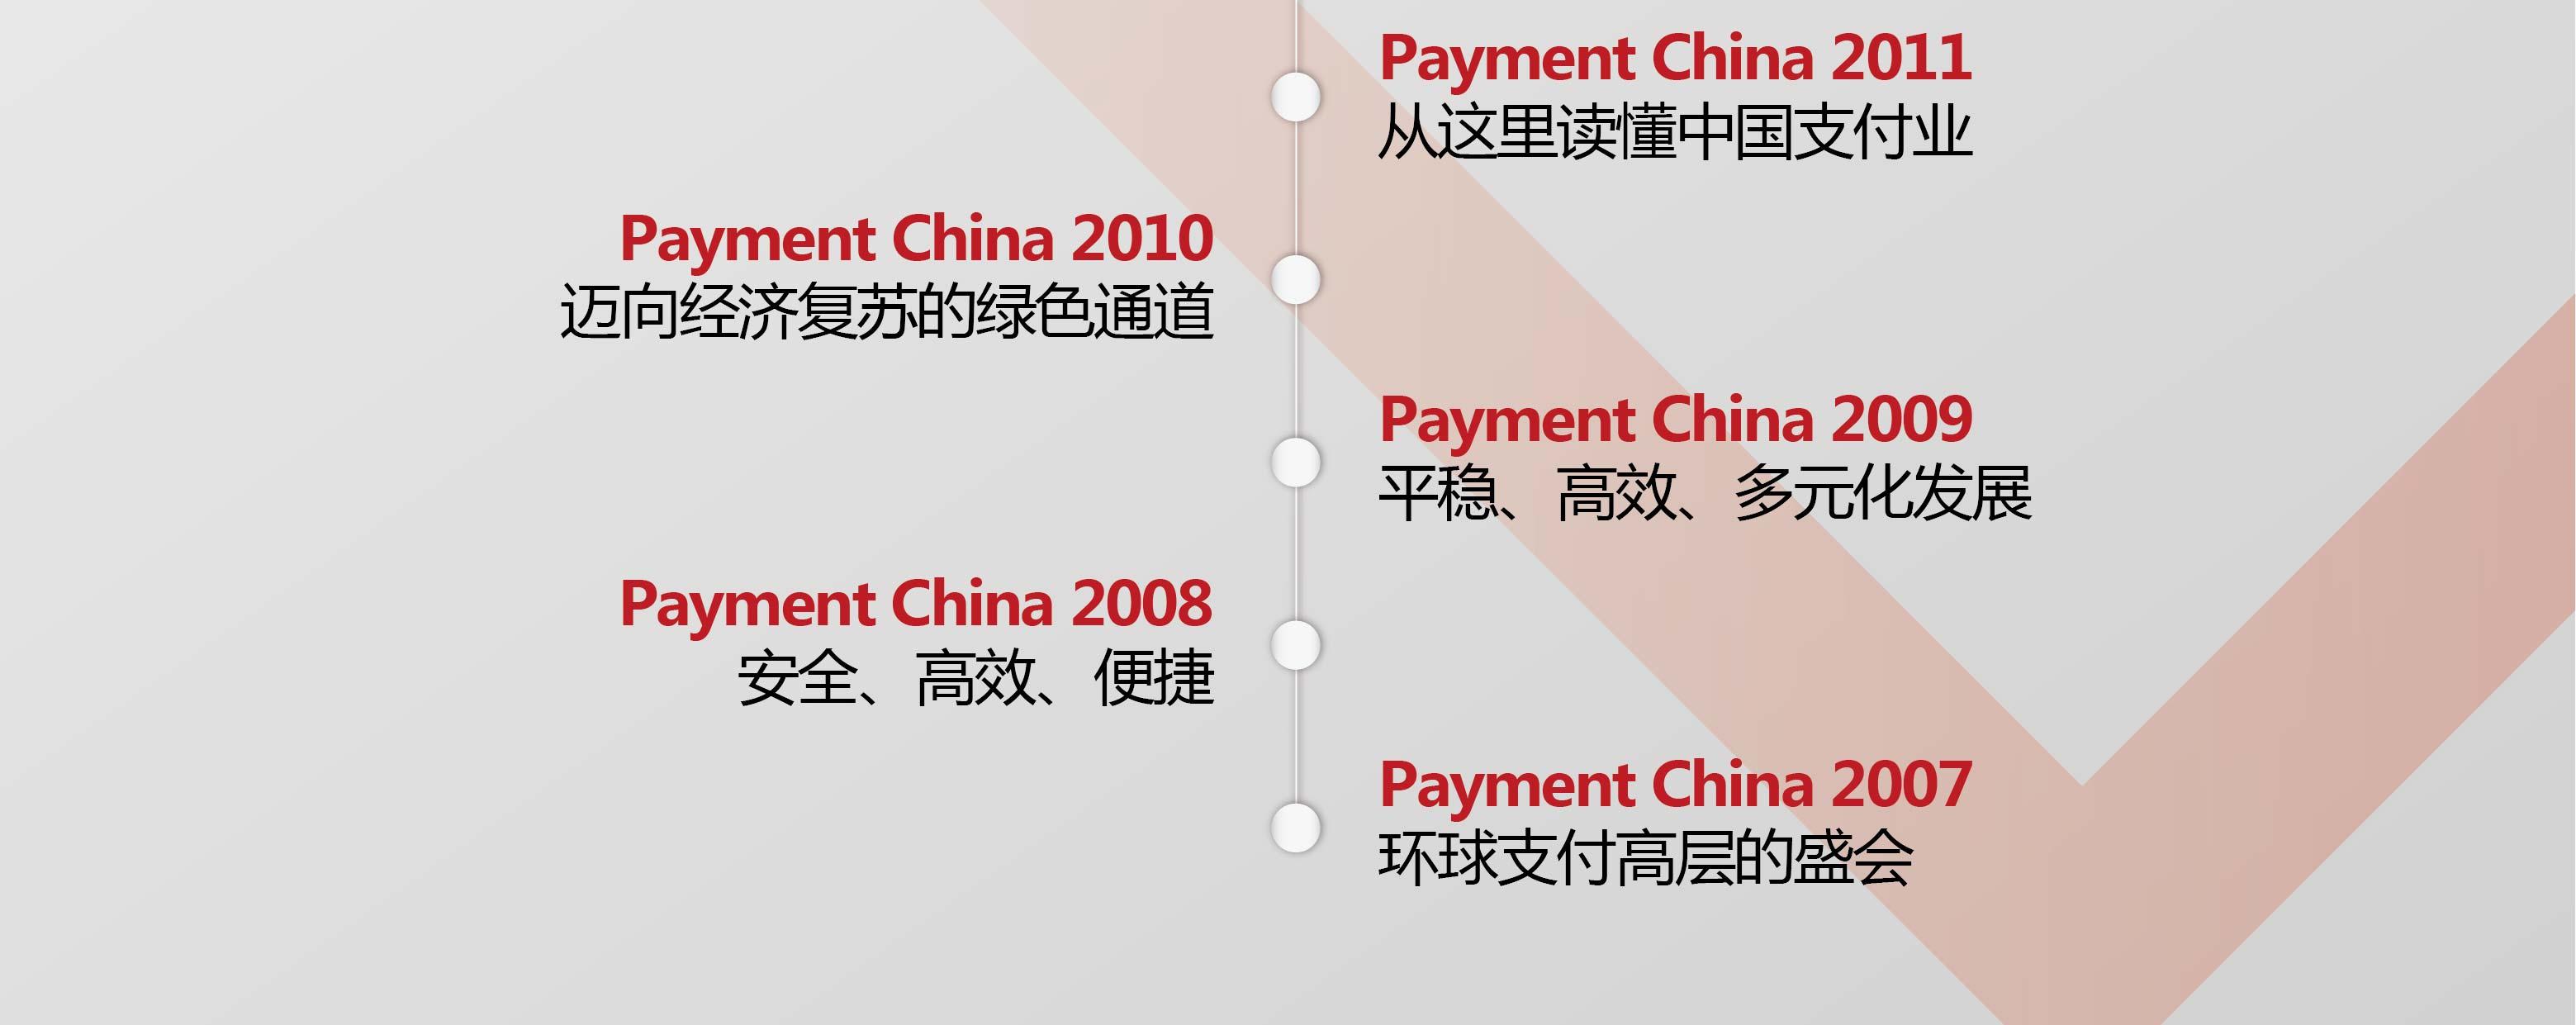 第12届中国支付业国际峰会